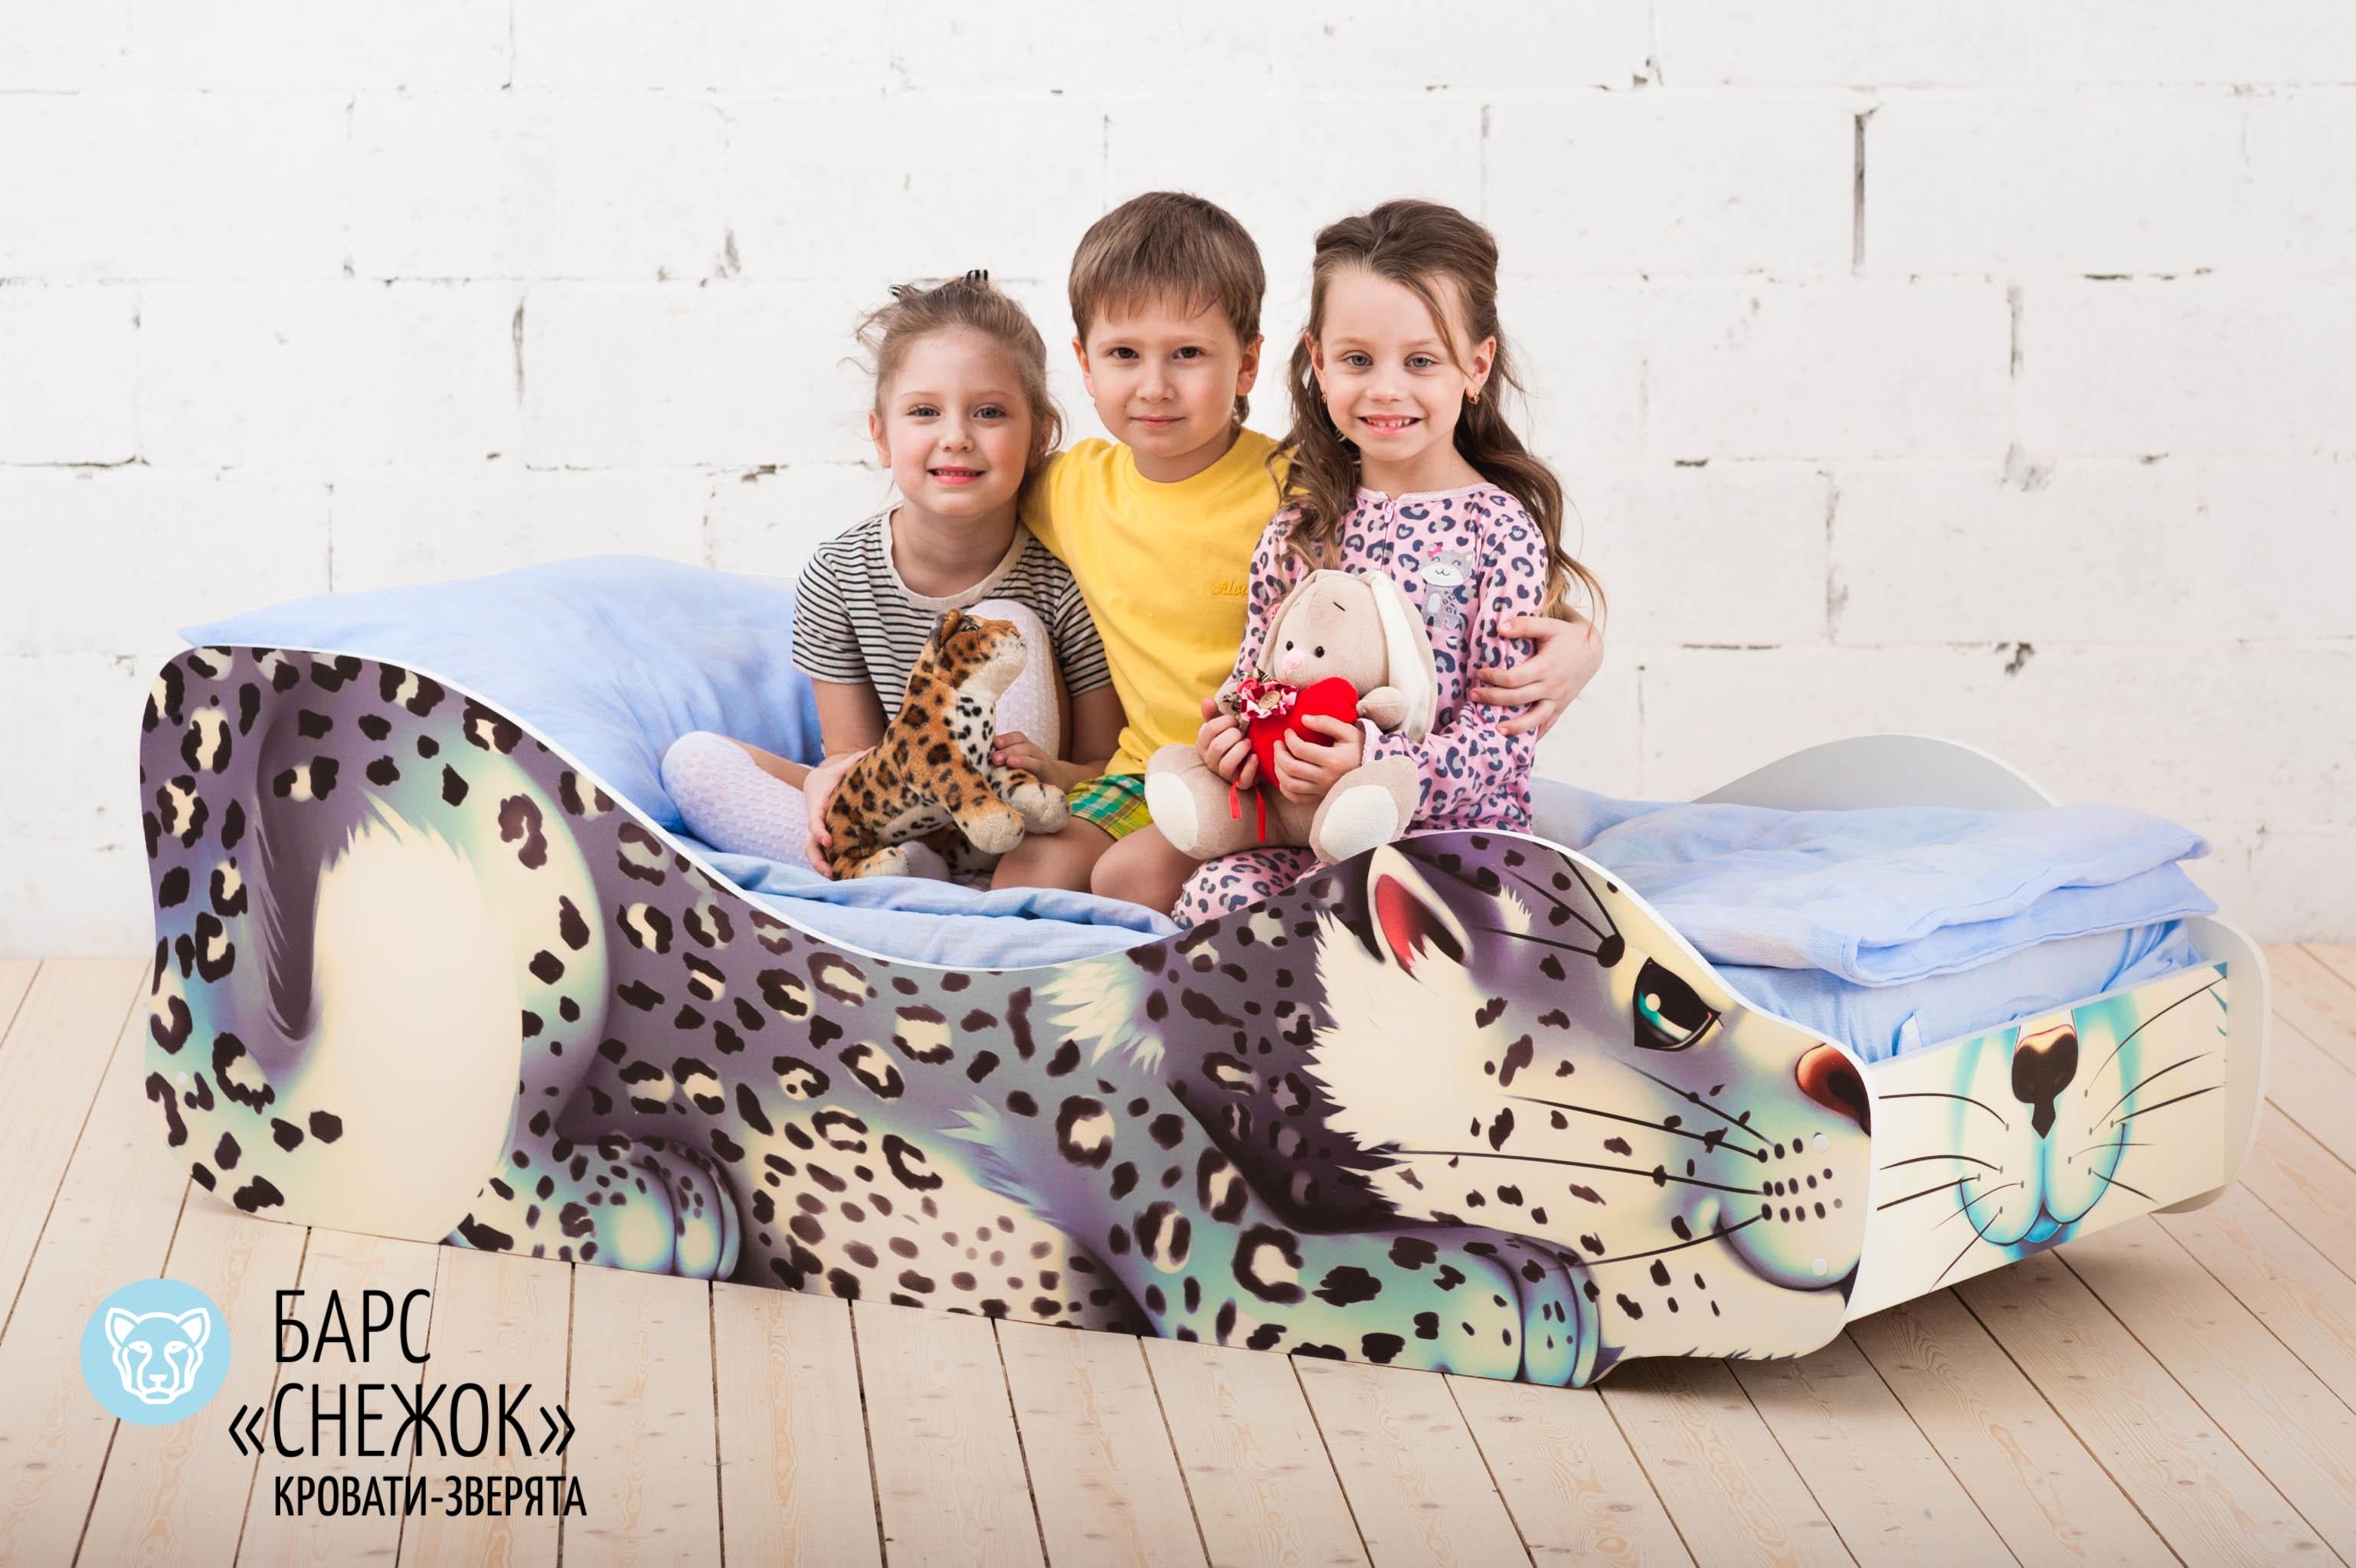 Детская кровать-зверенок -Барс-Снежок-17